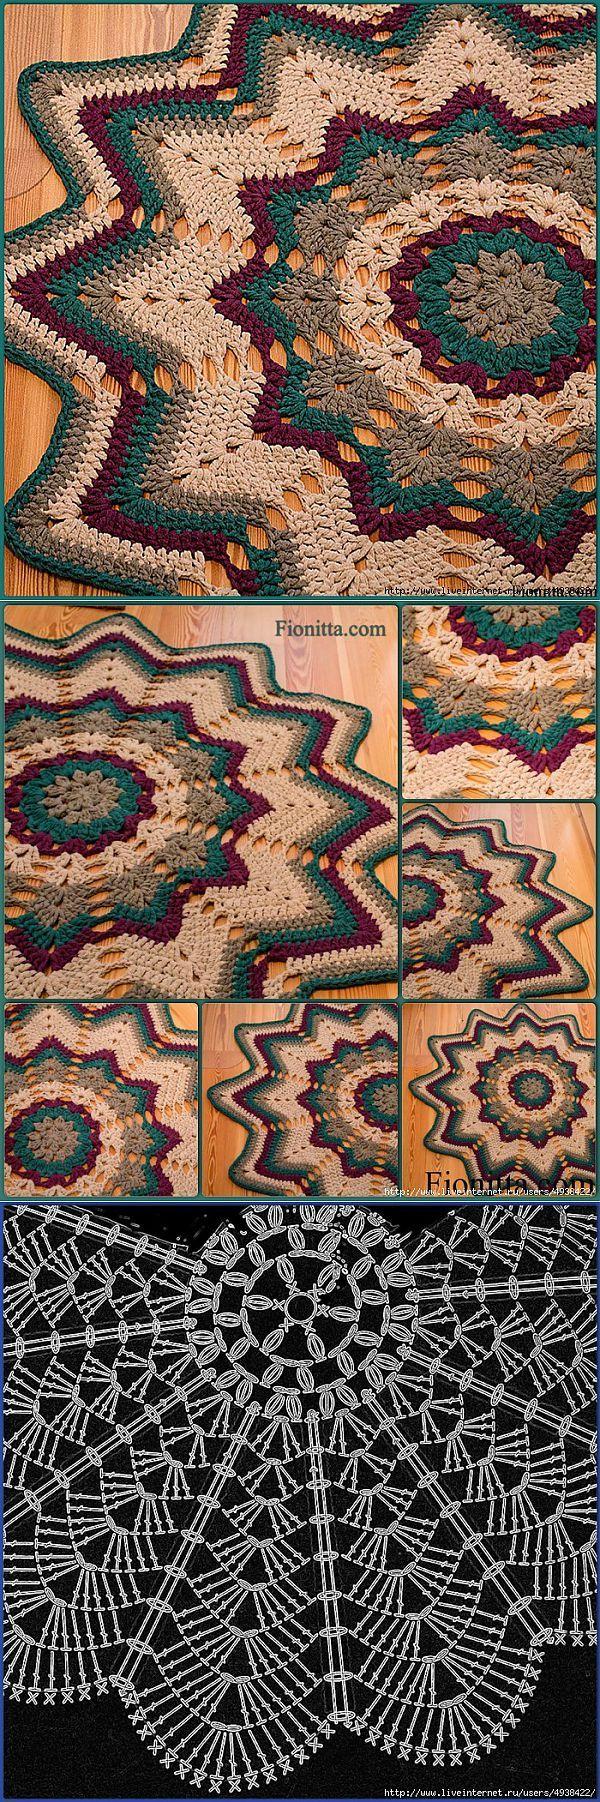 Звездный коврик.Фото + схема. | Вязанные коврики | Постила